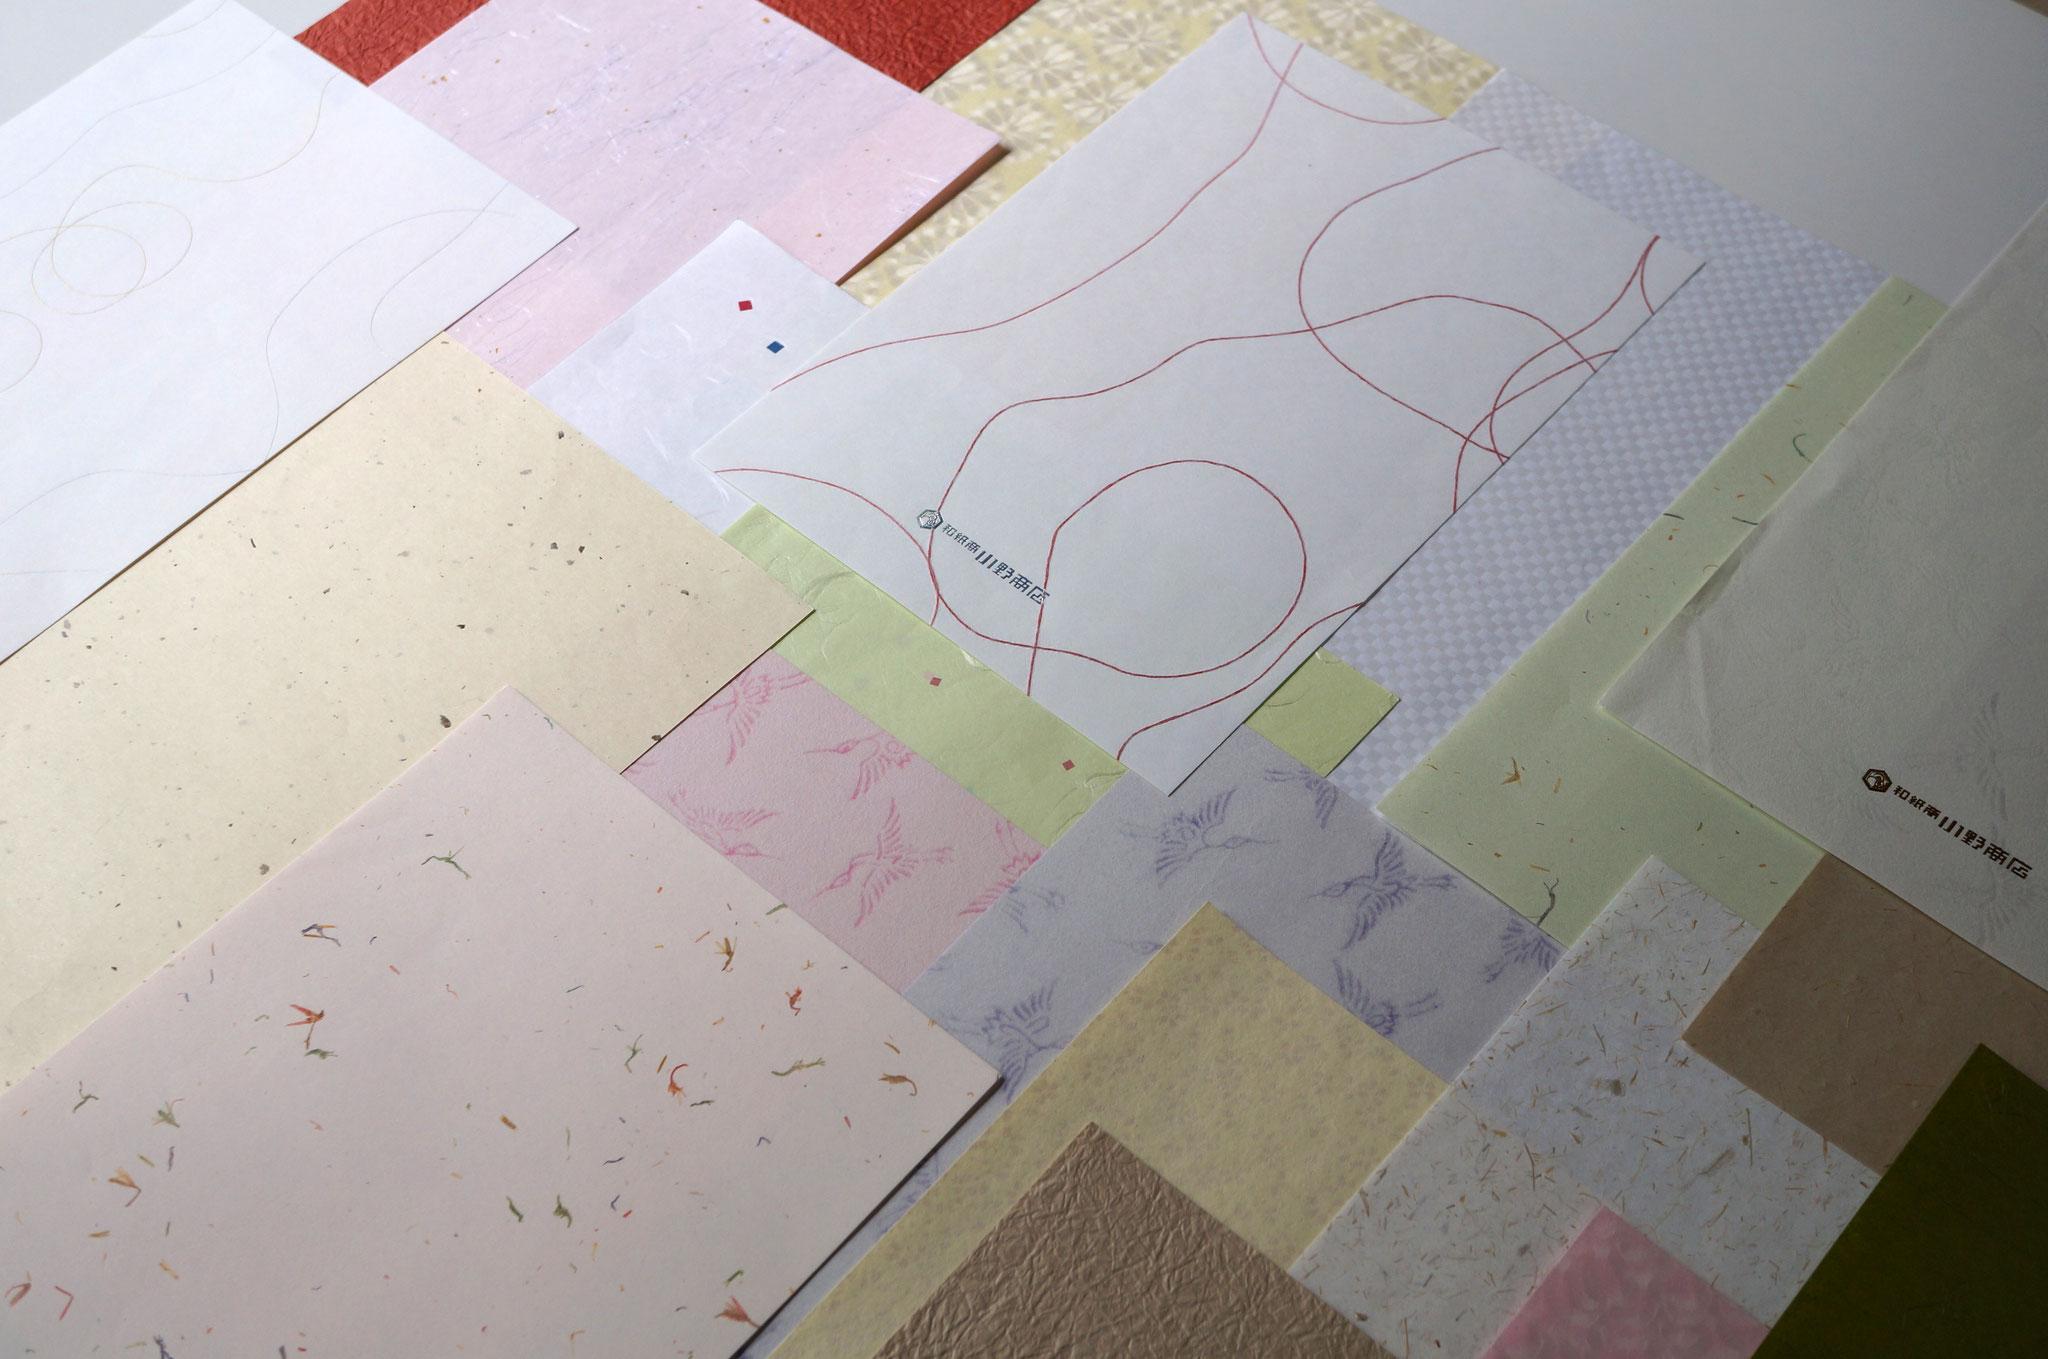 別注の貼り箱を作製するために使用する各種和紙